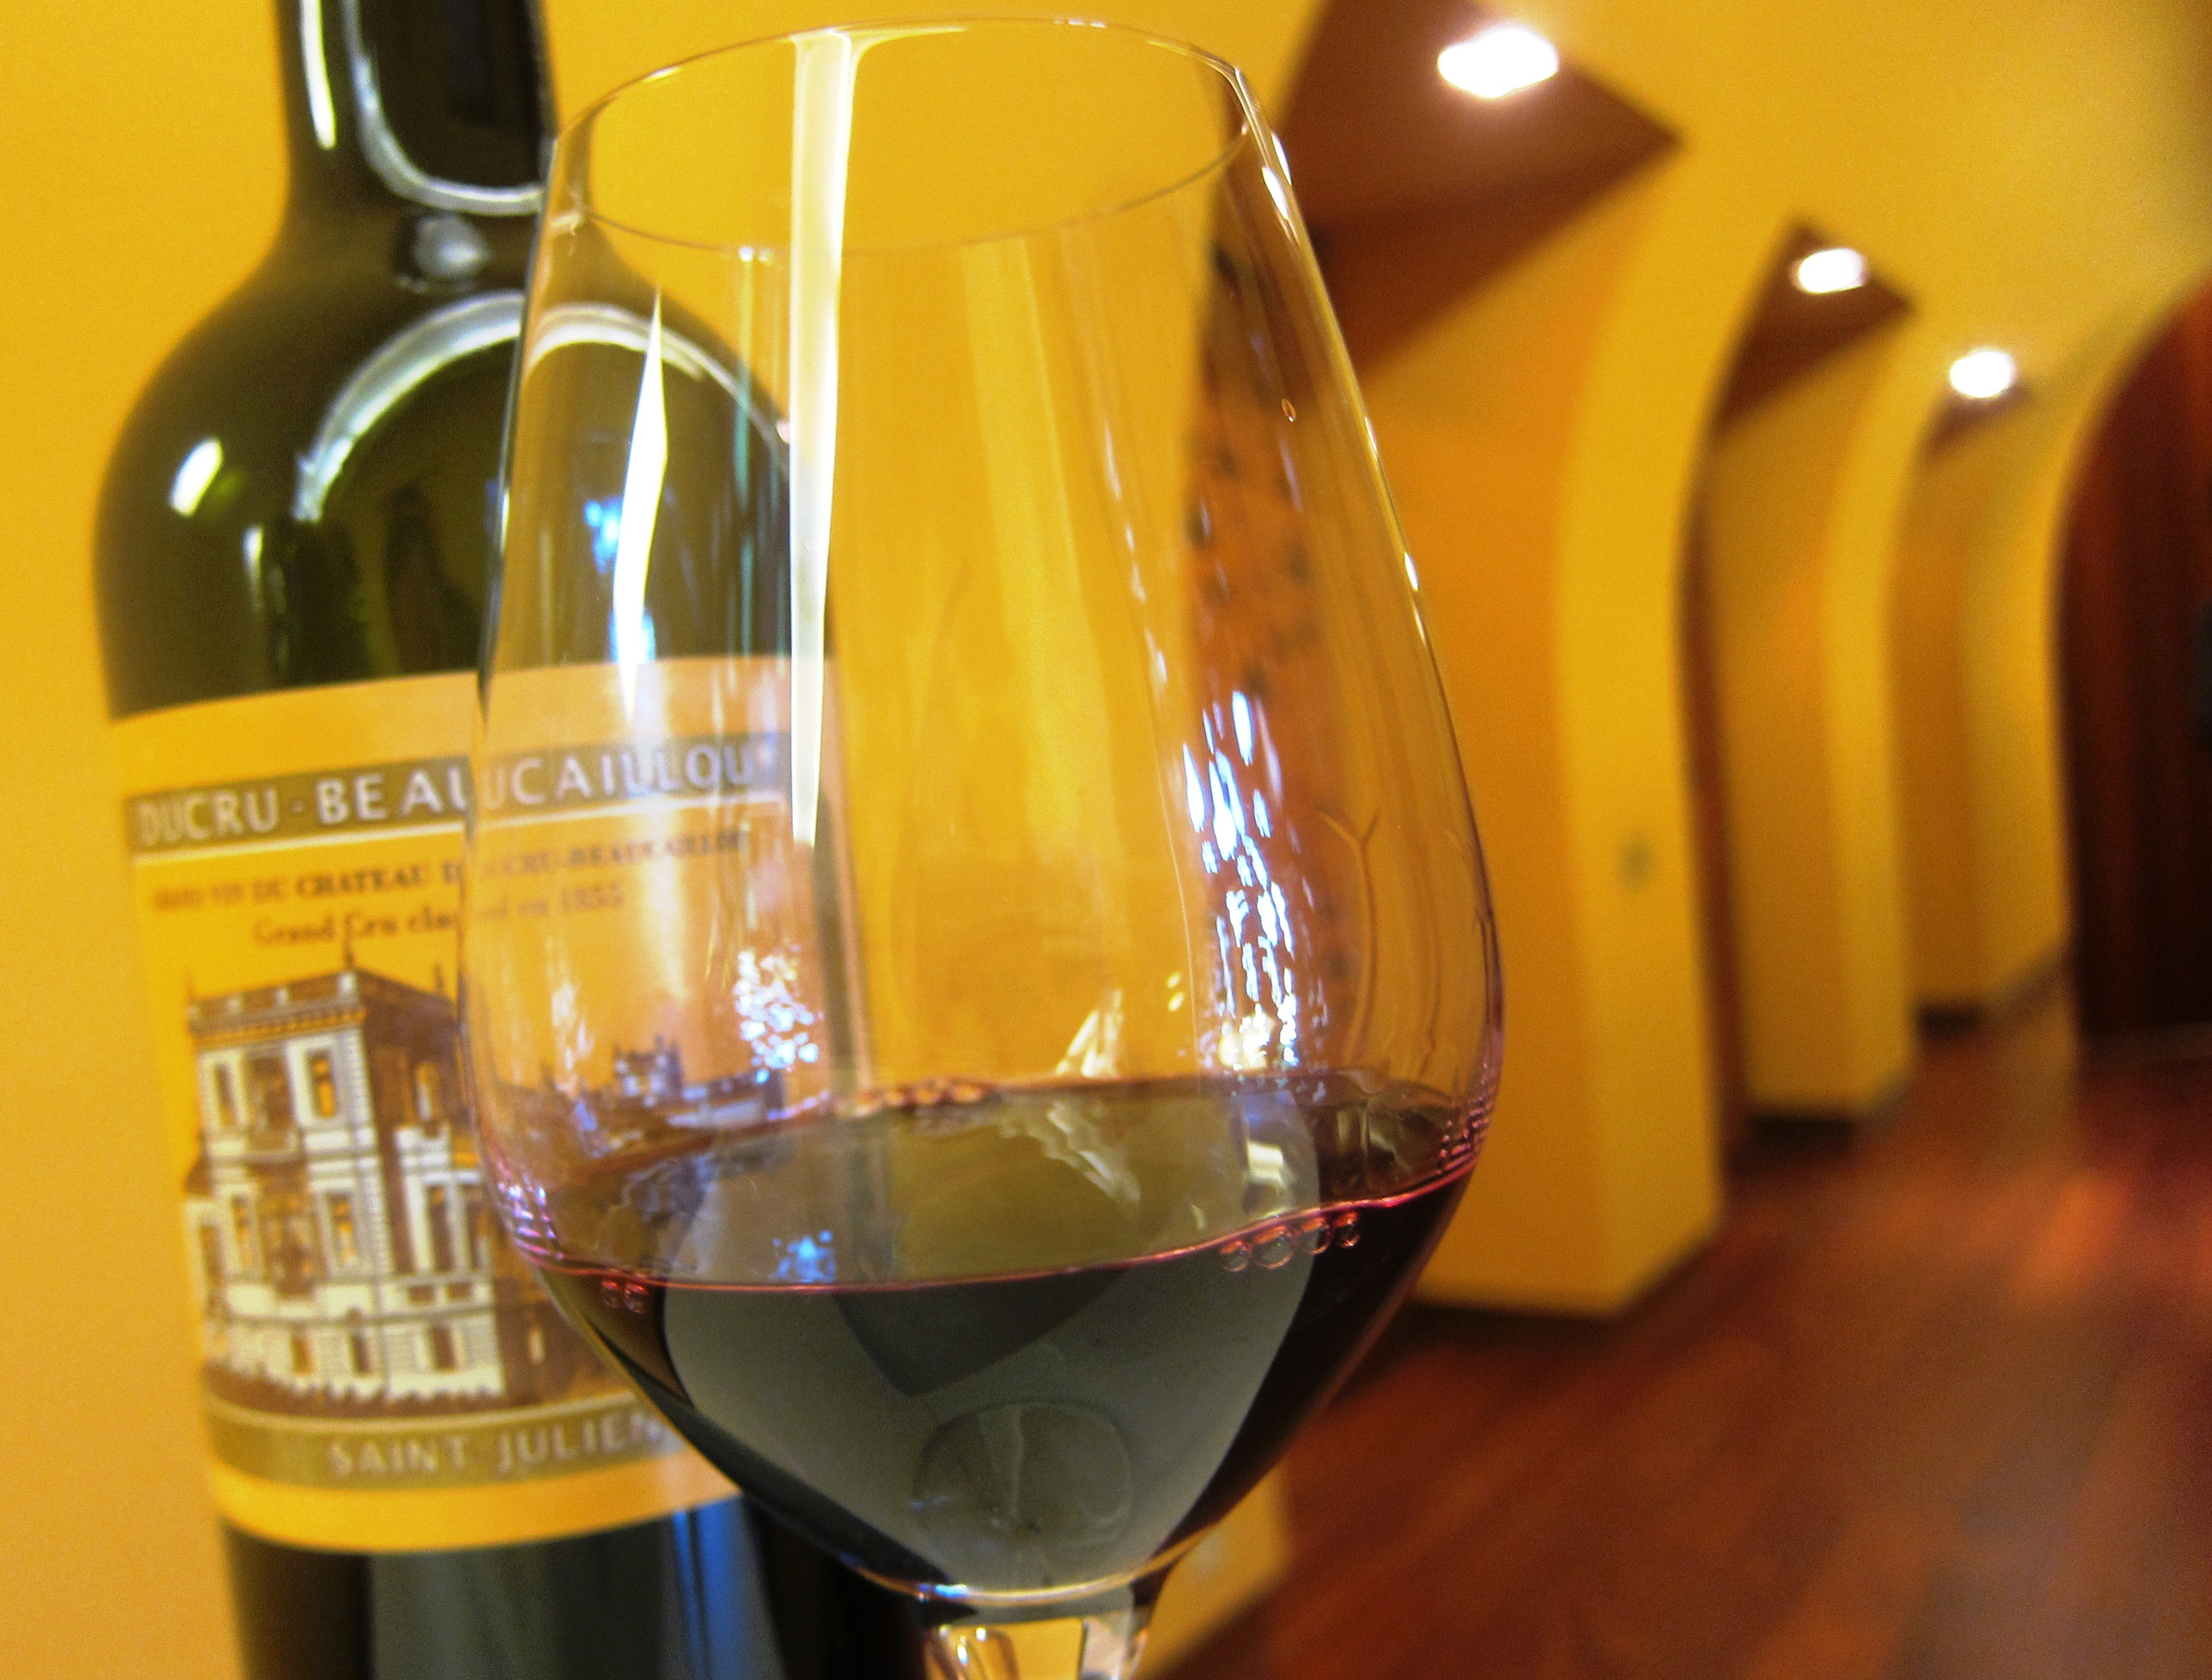 ducru beaucaillou 2010 bordeaux wine